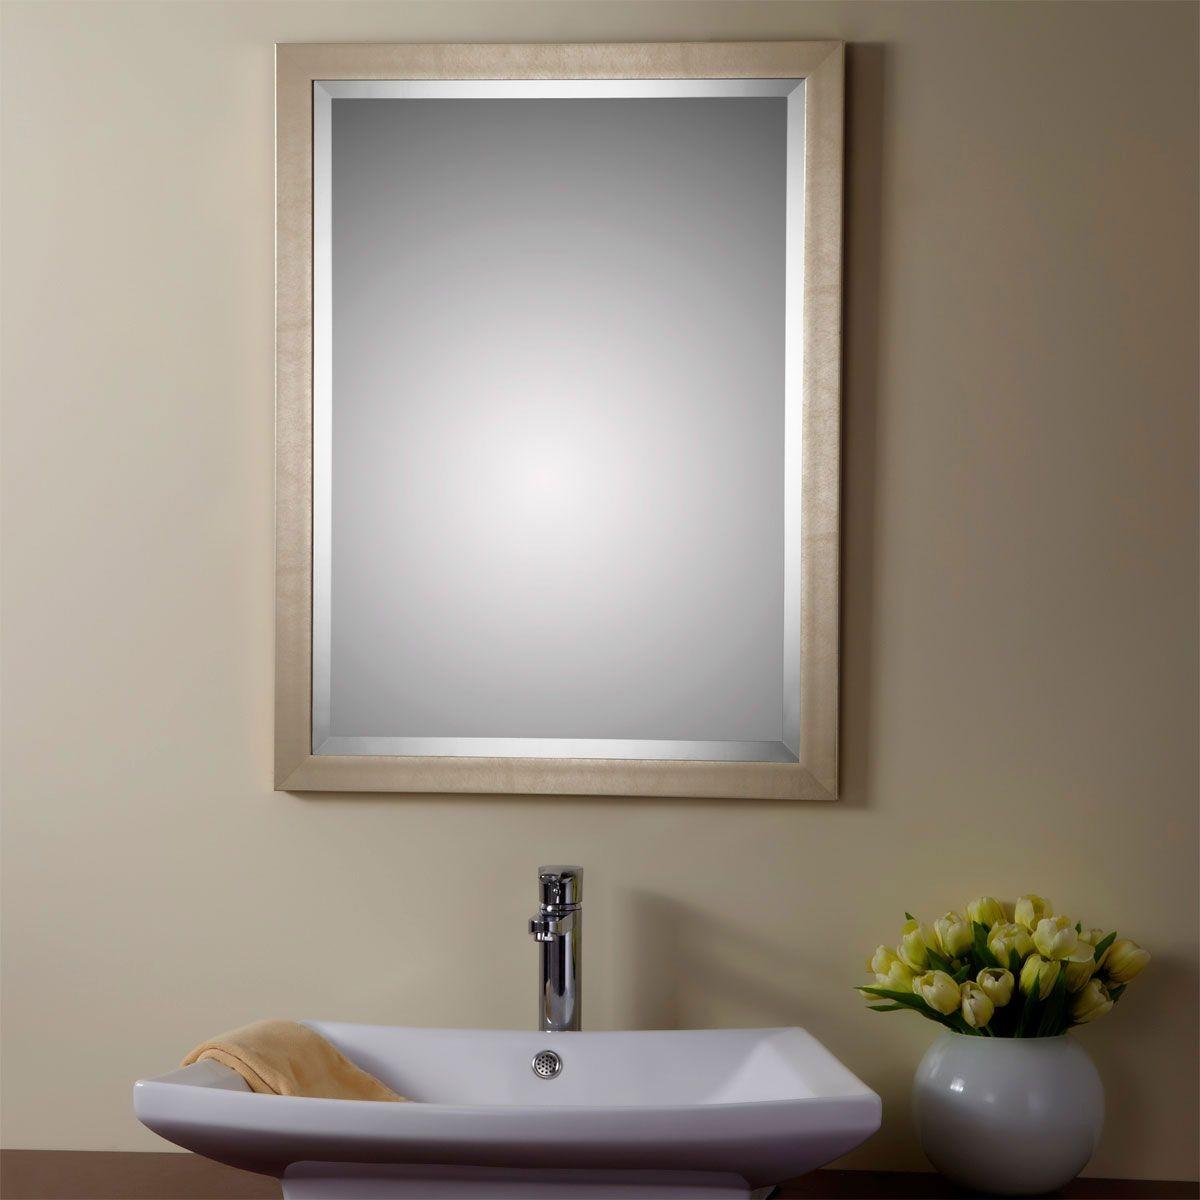 24 x 32 po miroir r versible argent avec cadre en bois imitation de salle de bains yj 1954h. Black Bedroom Furniture Sets. Home Design Ideas